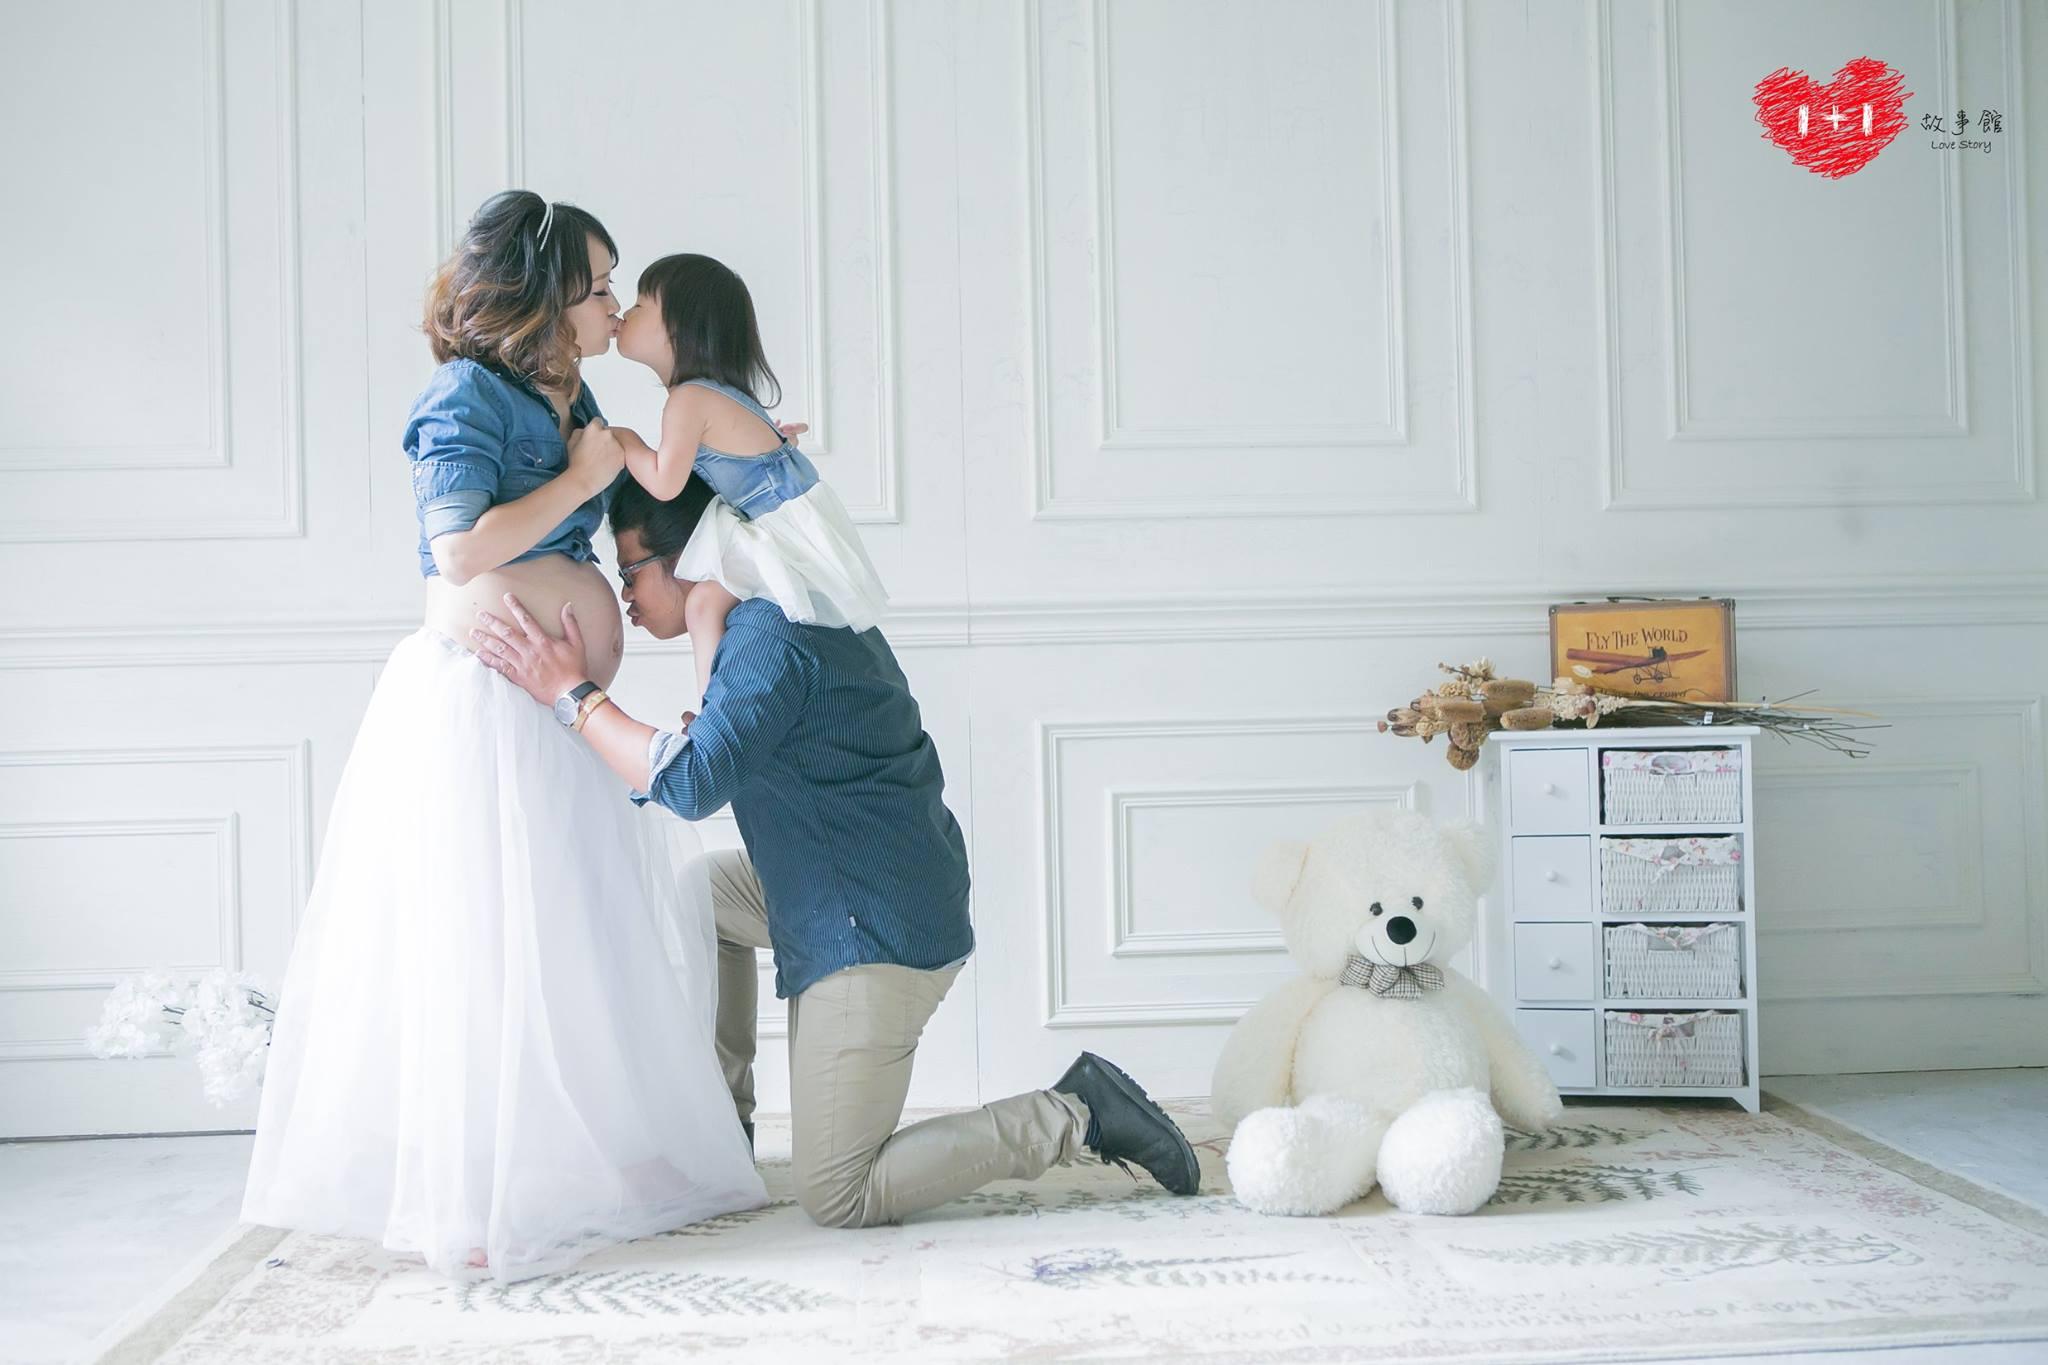 白紗推薦,婚紗訂製,白紗造型,禮服租借,婚紗ptt,類白紗訂做